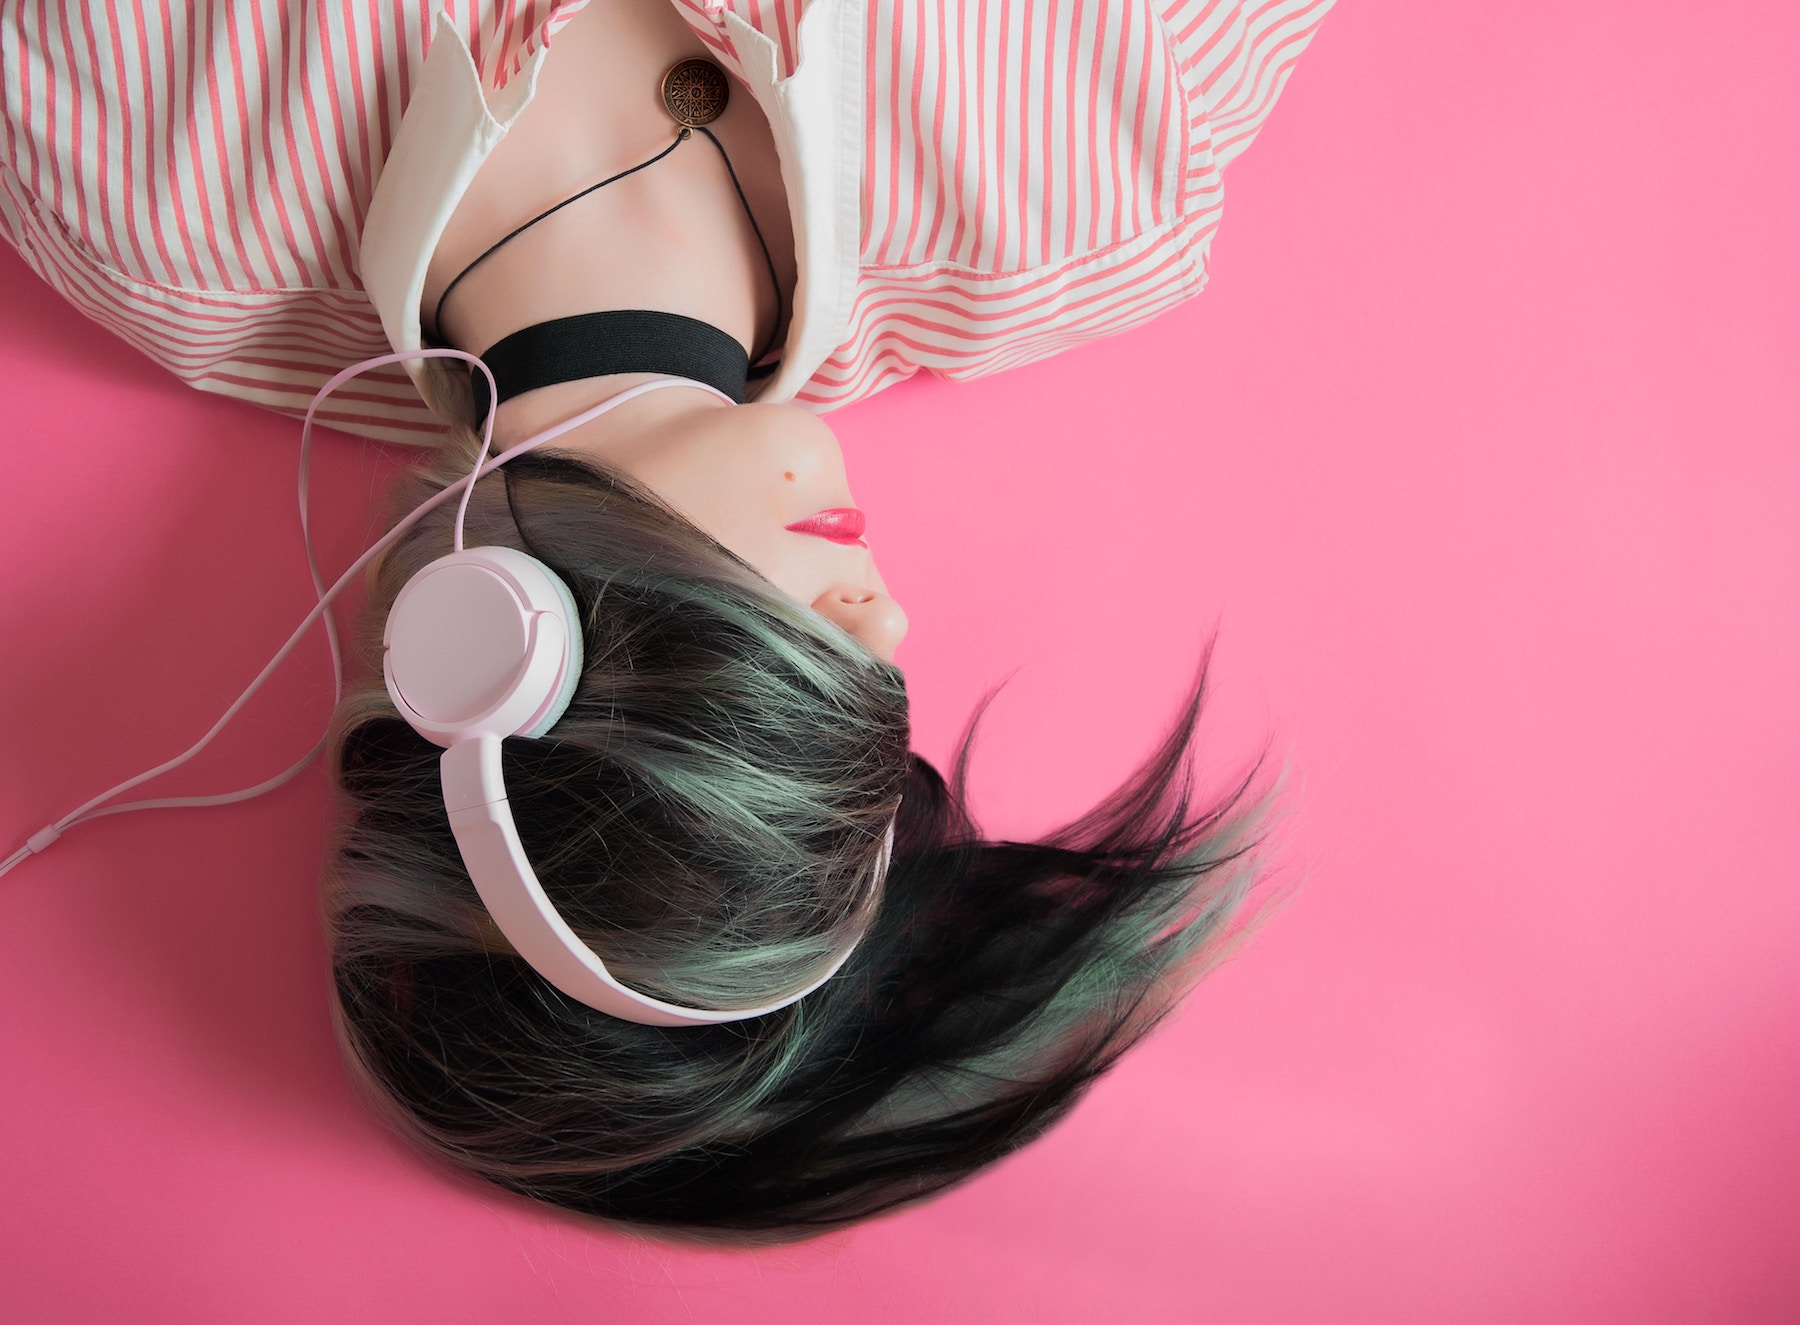 music, teens, millennials